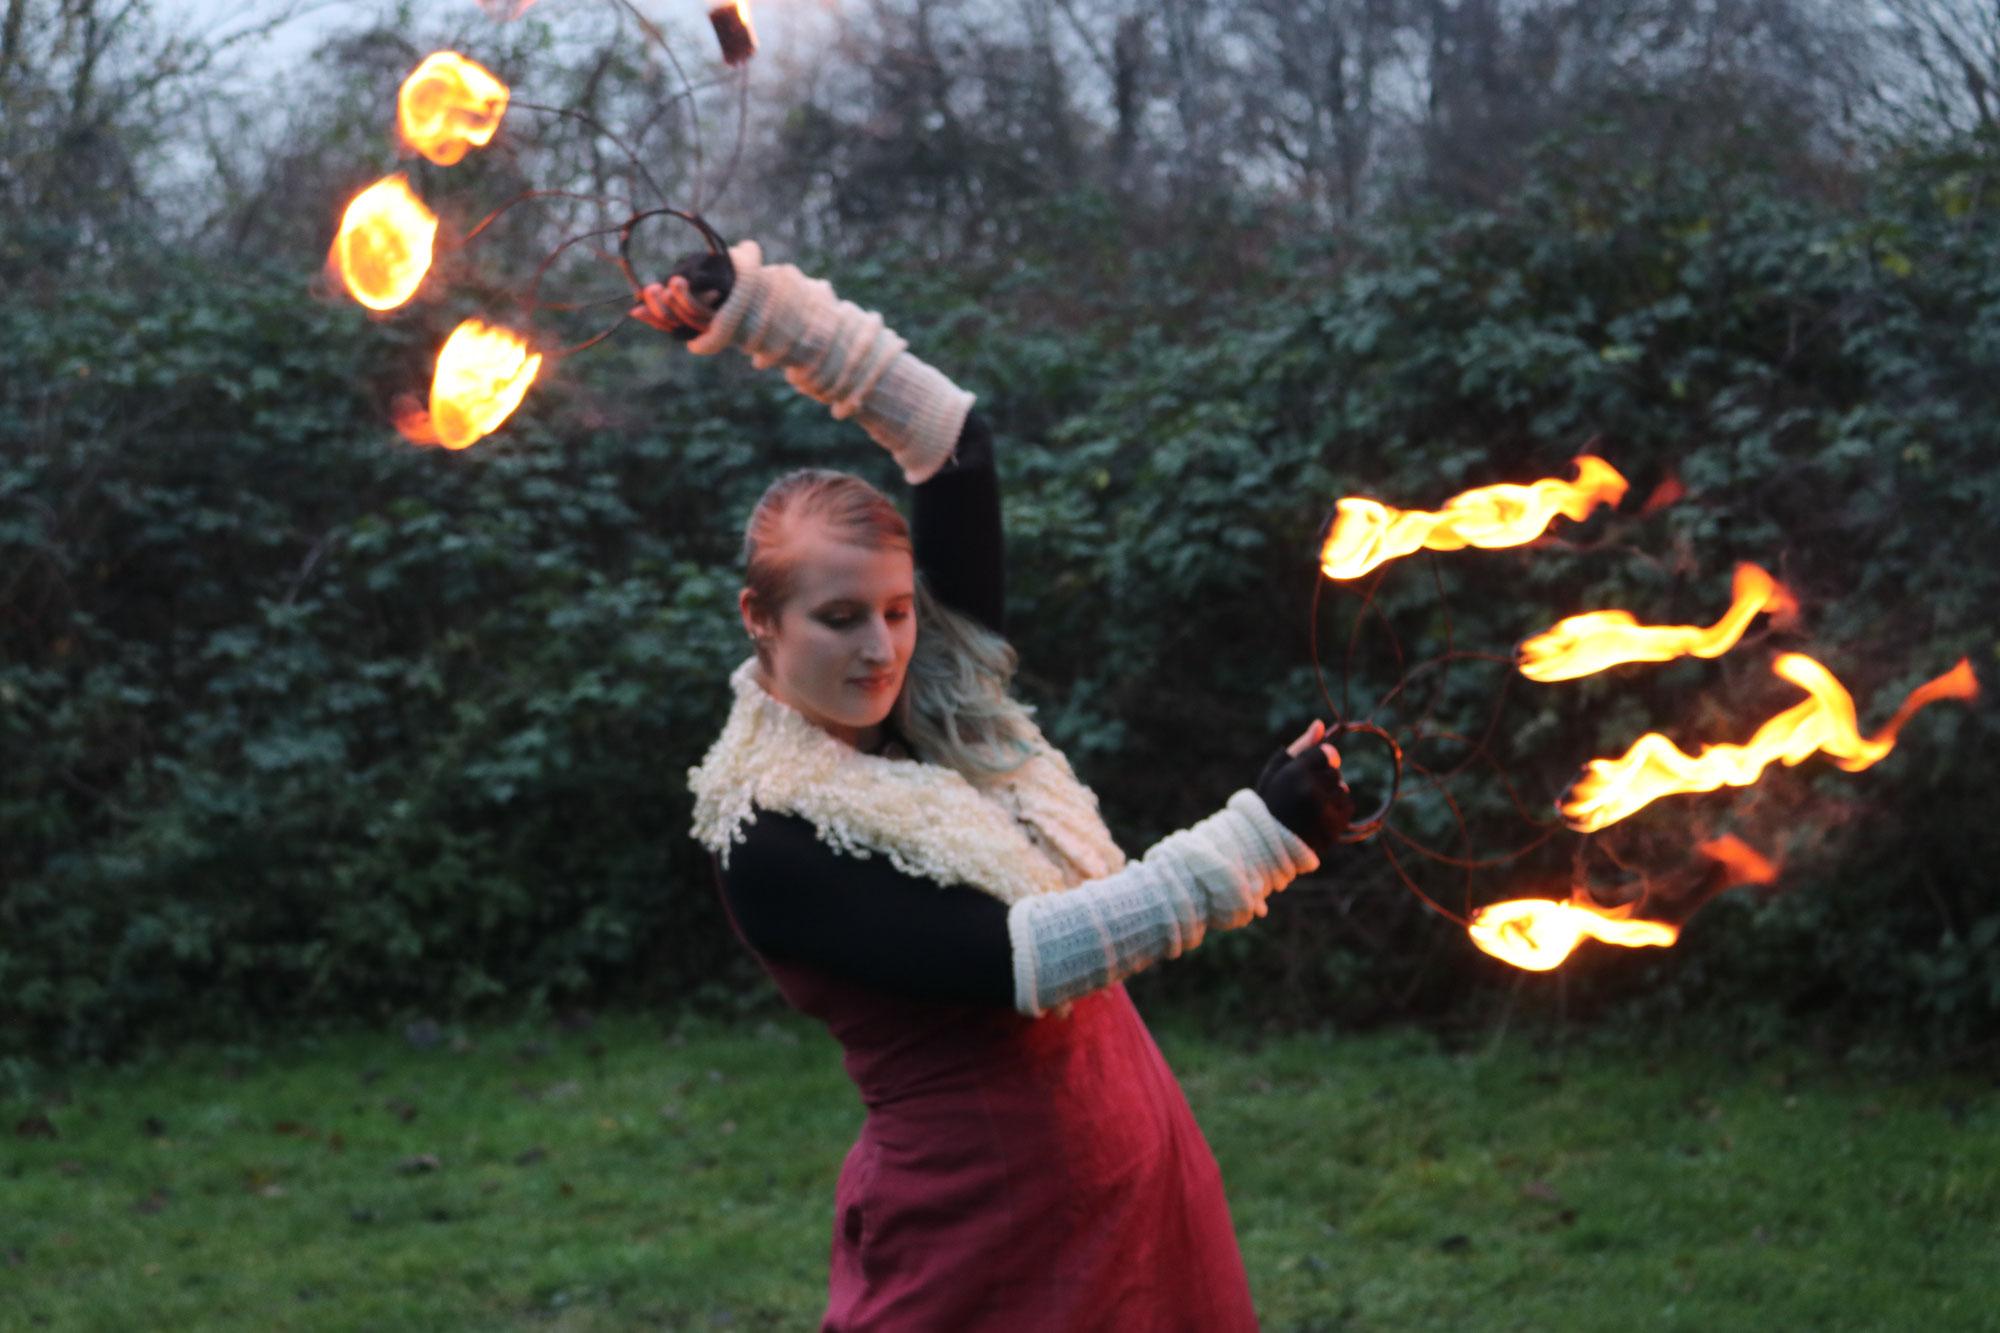 Warum ich es liebe mit dem Feuer zu tanzen